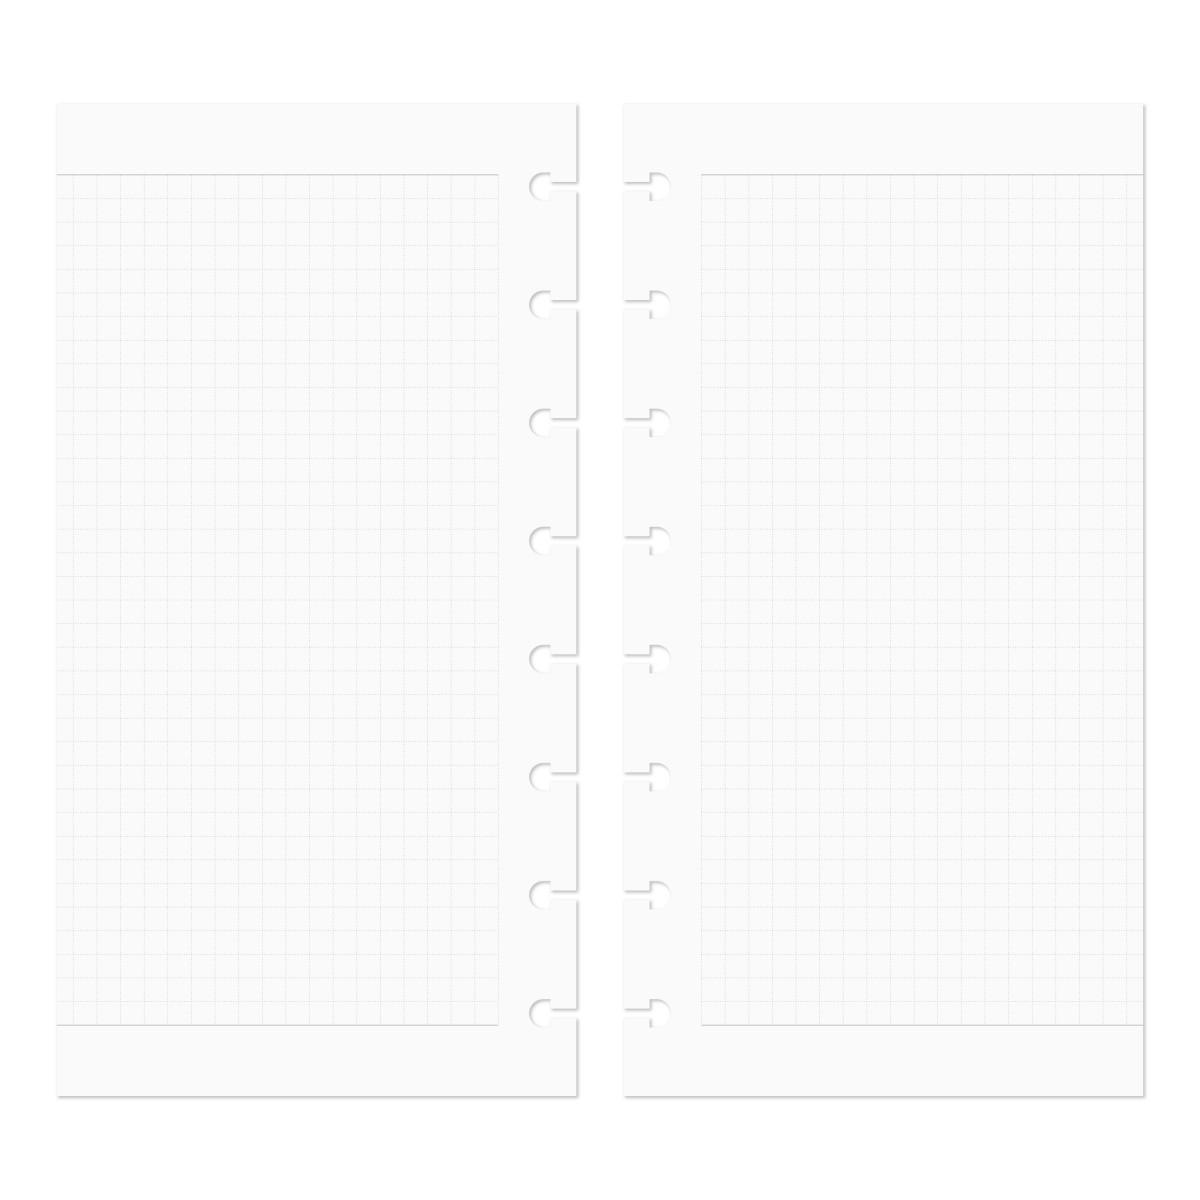 Discagenda Discbound Traveler's Notebook Insert Refills (Grid)